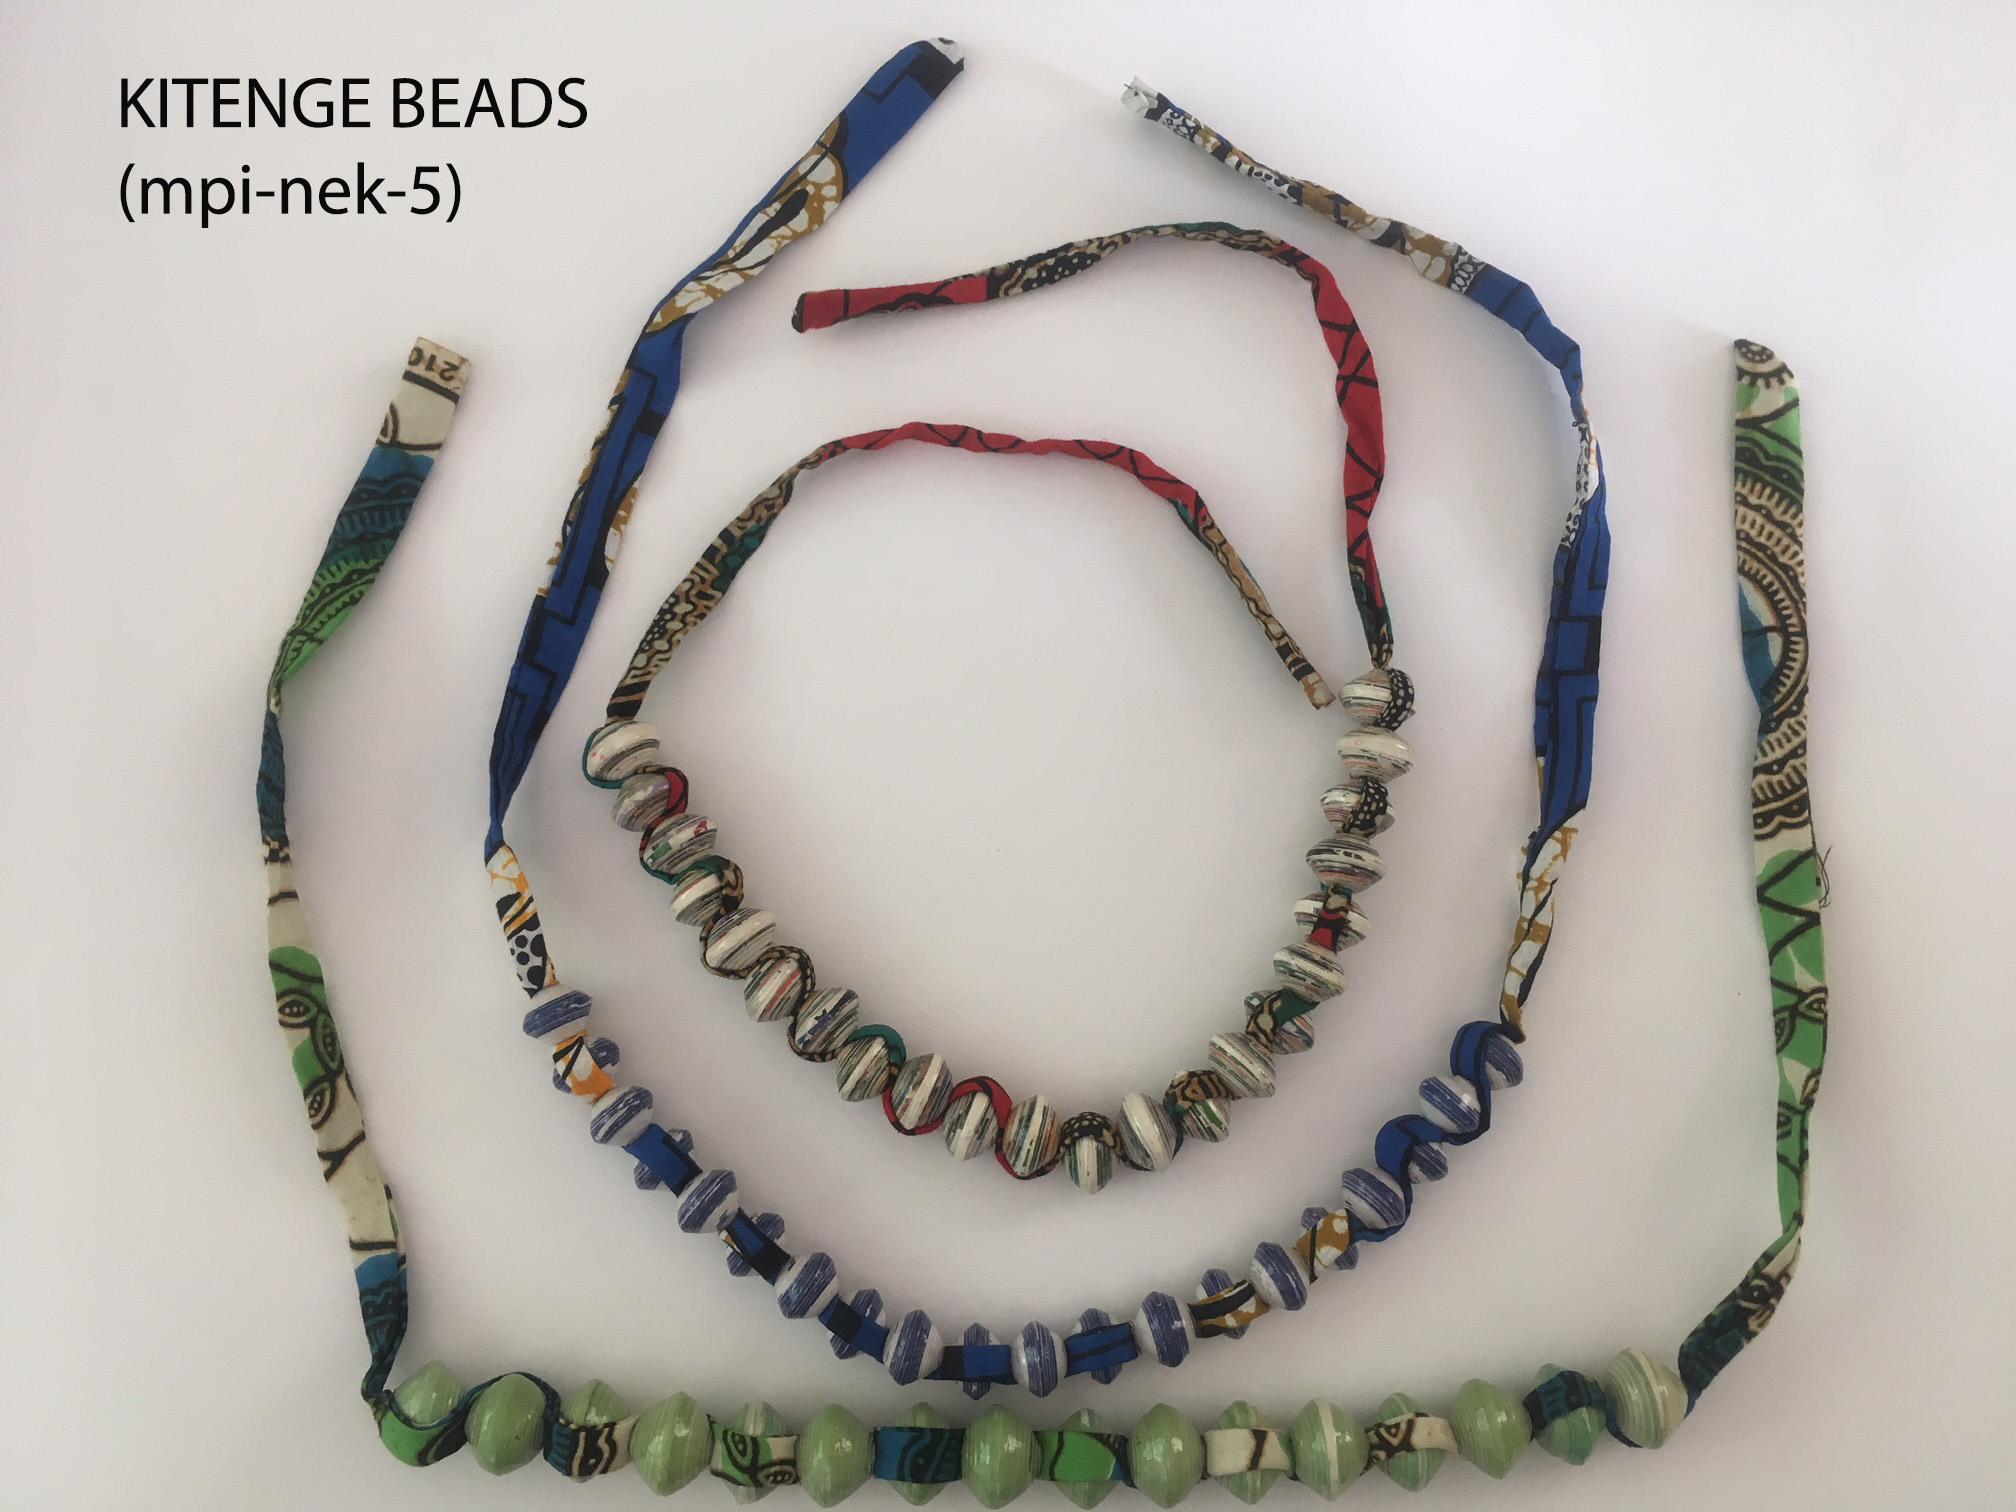 Kitenge Beads (mpi-nek-5)